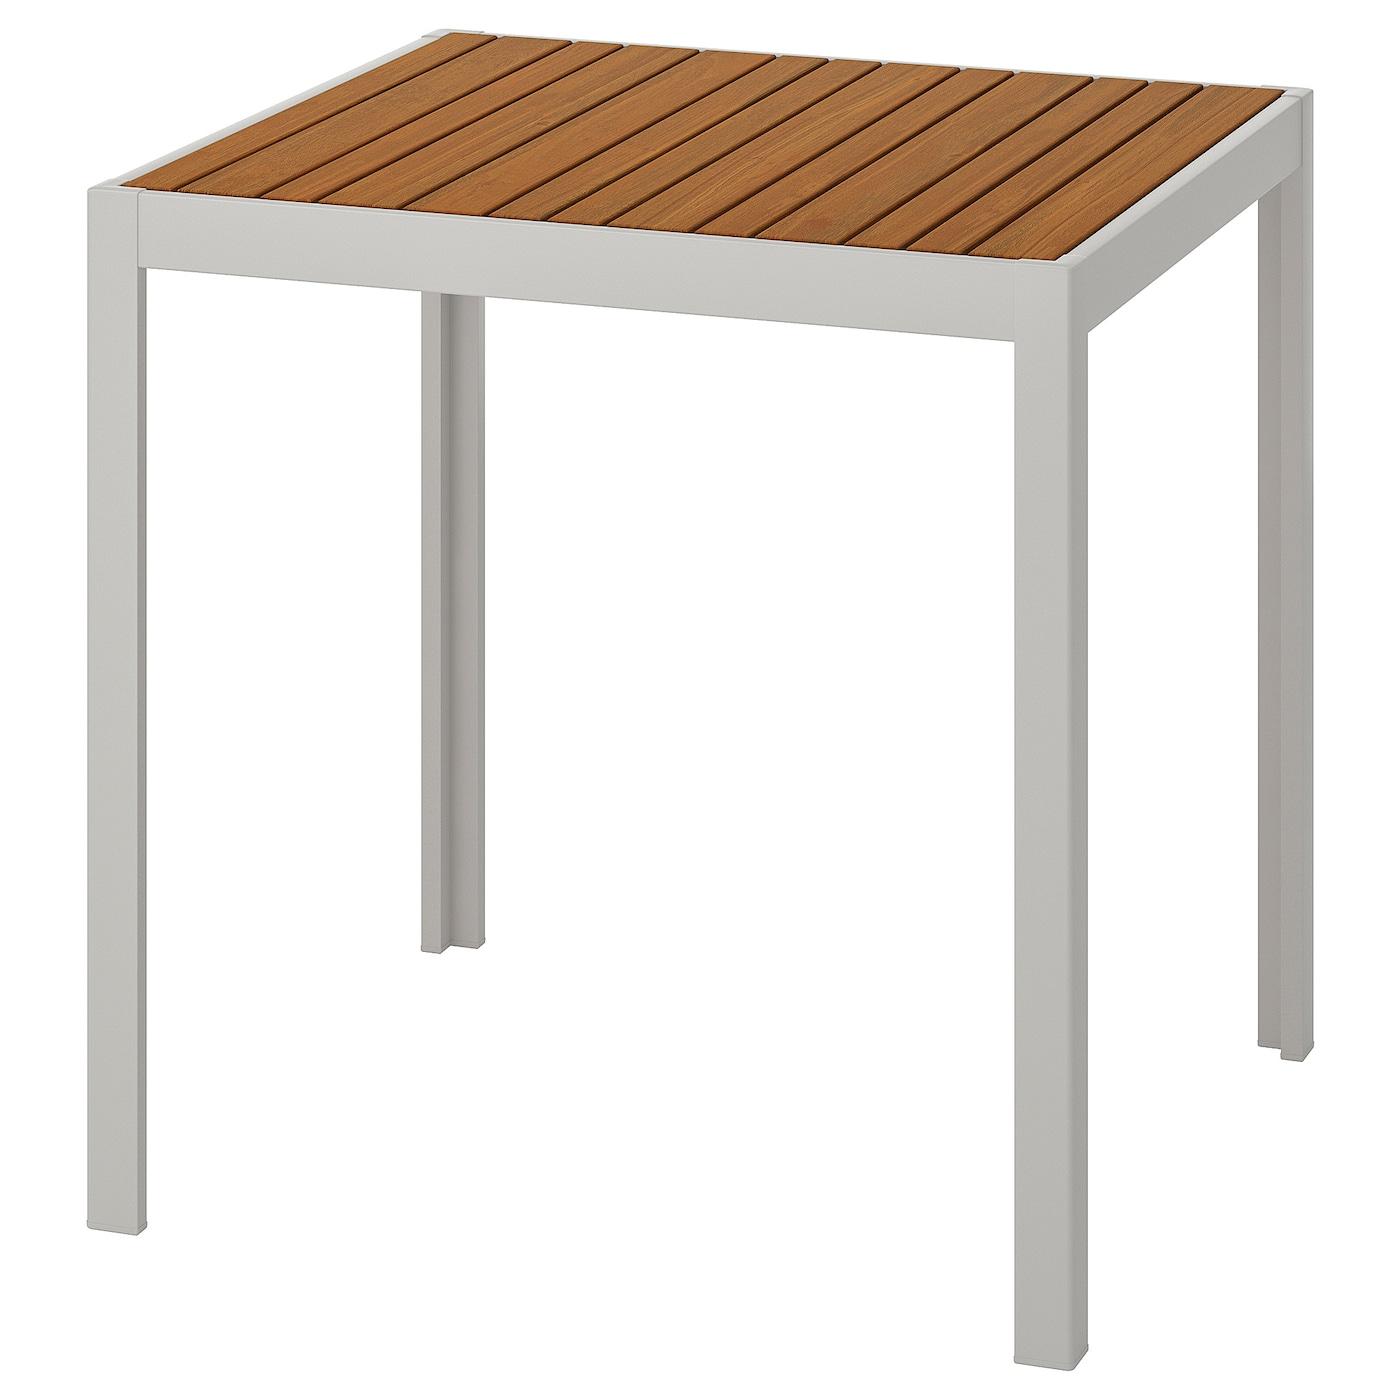 SJÄLLAND Tischaußen hellbraunhellgrau 71x71x73 cm